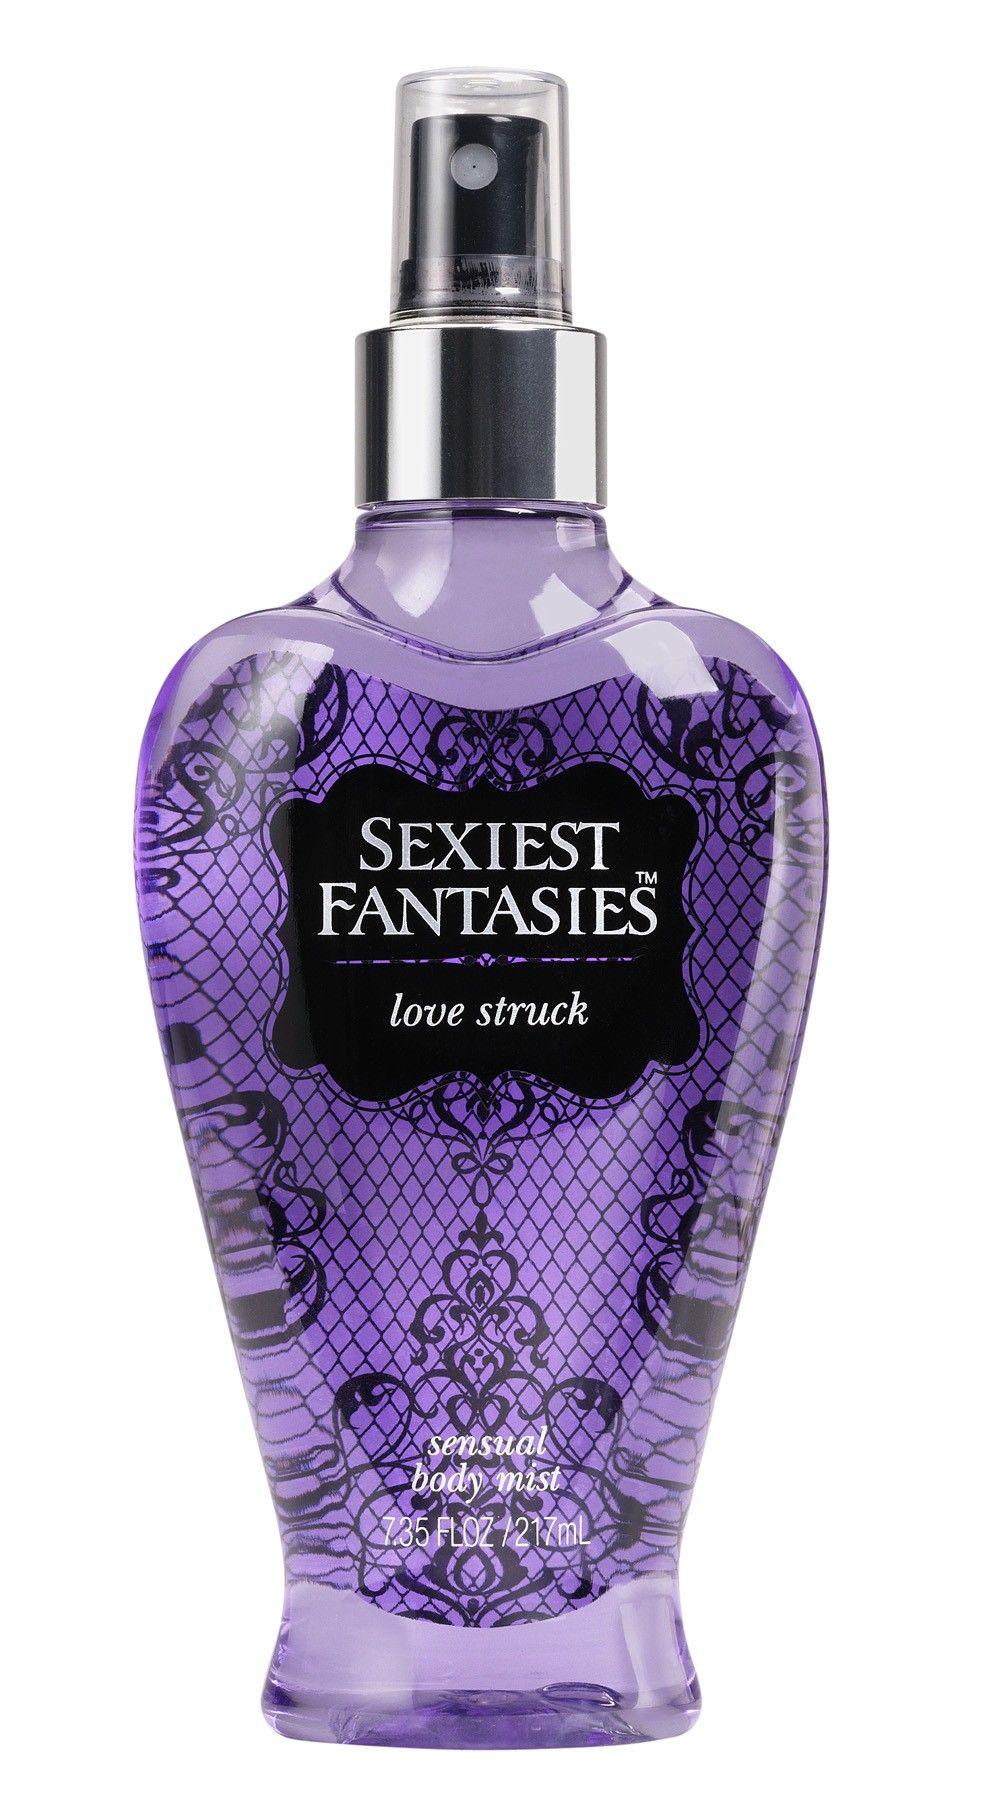 sexiest fantasies